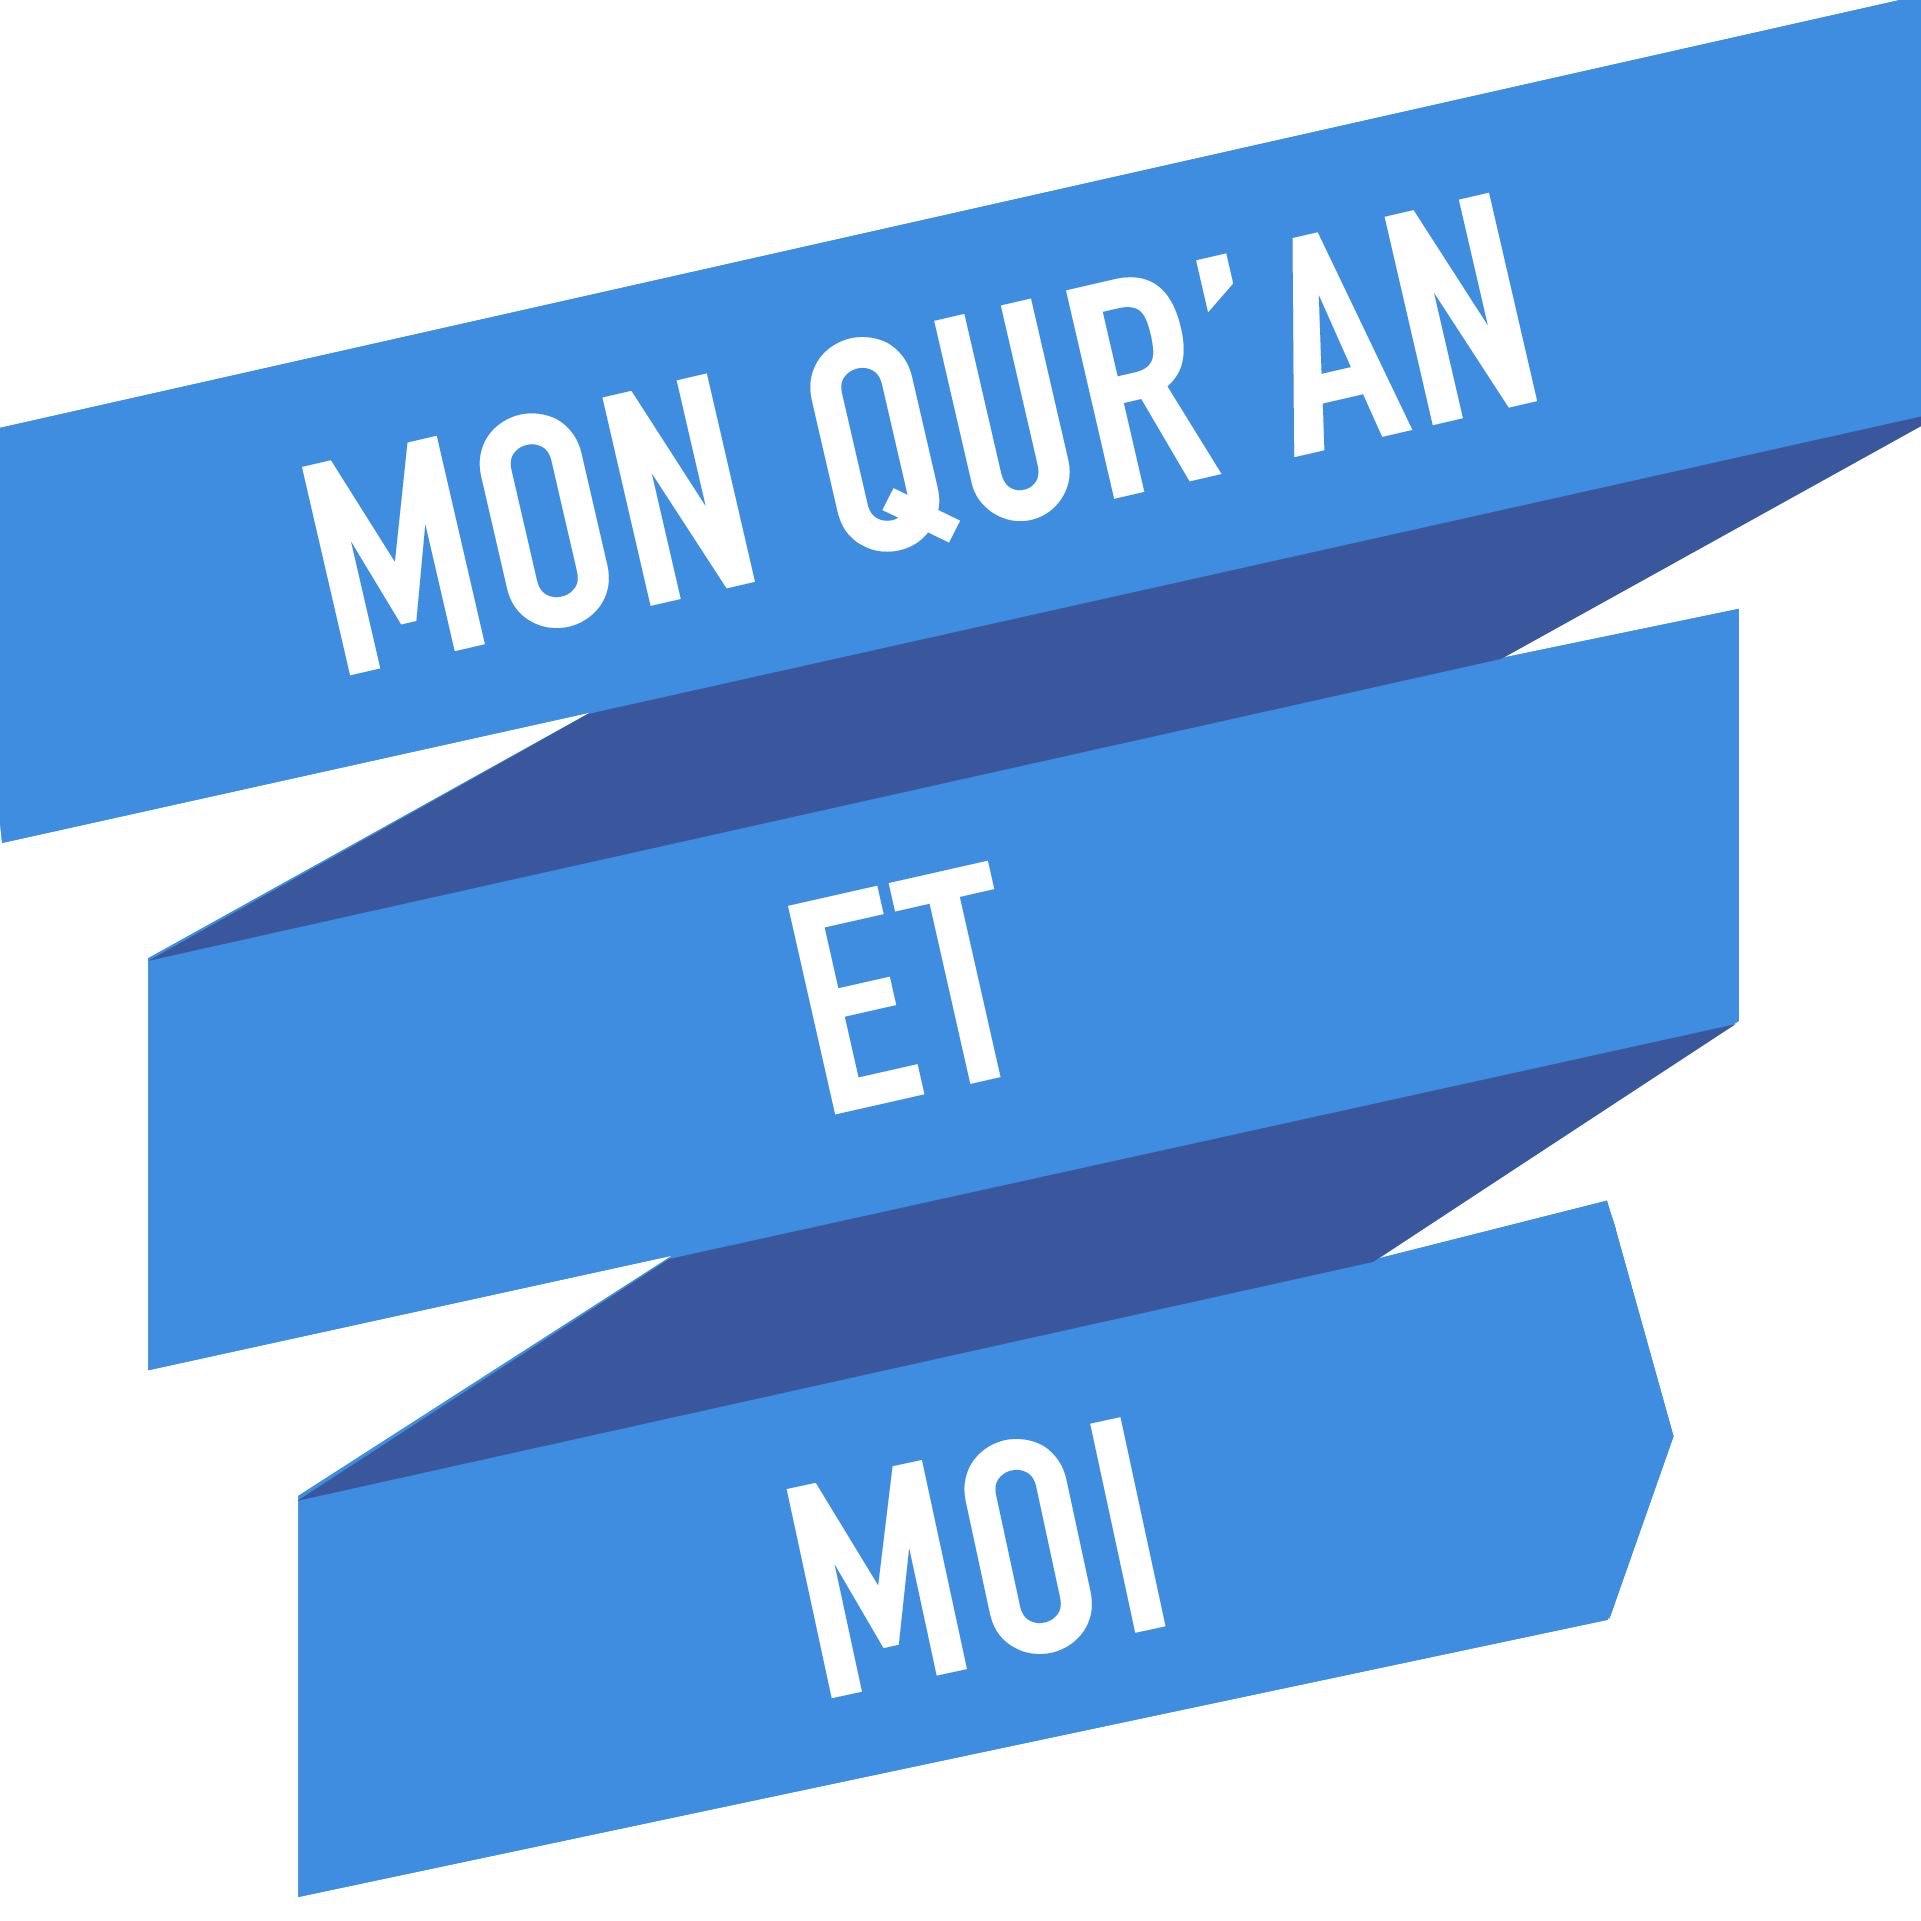 5e6610b241a2e_Mon_coran_et_moi